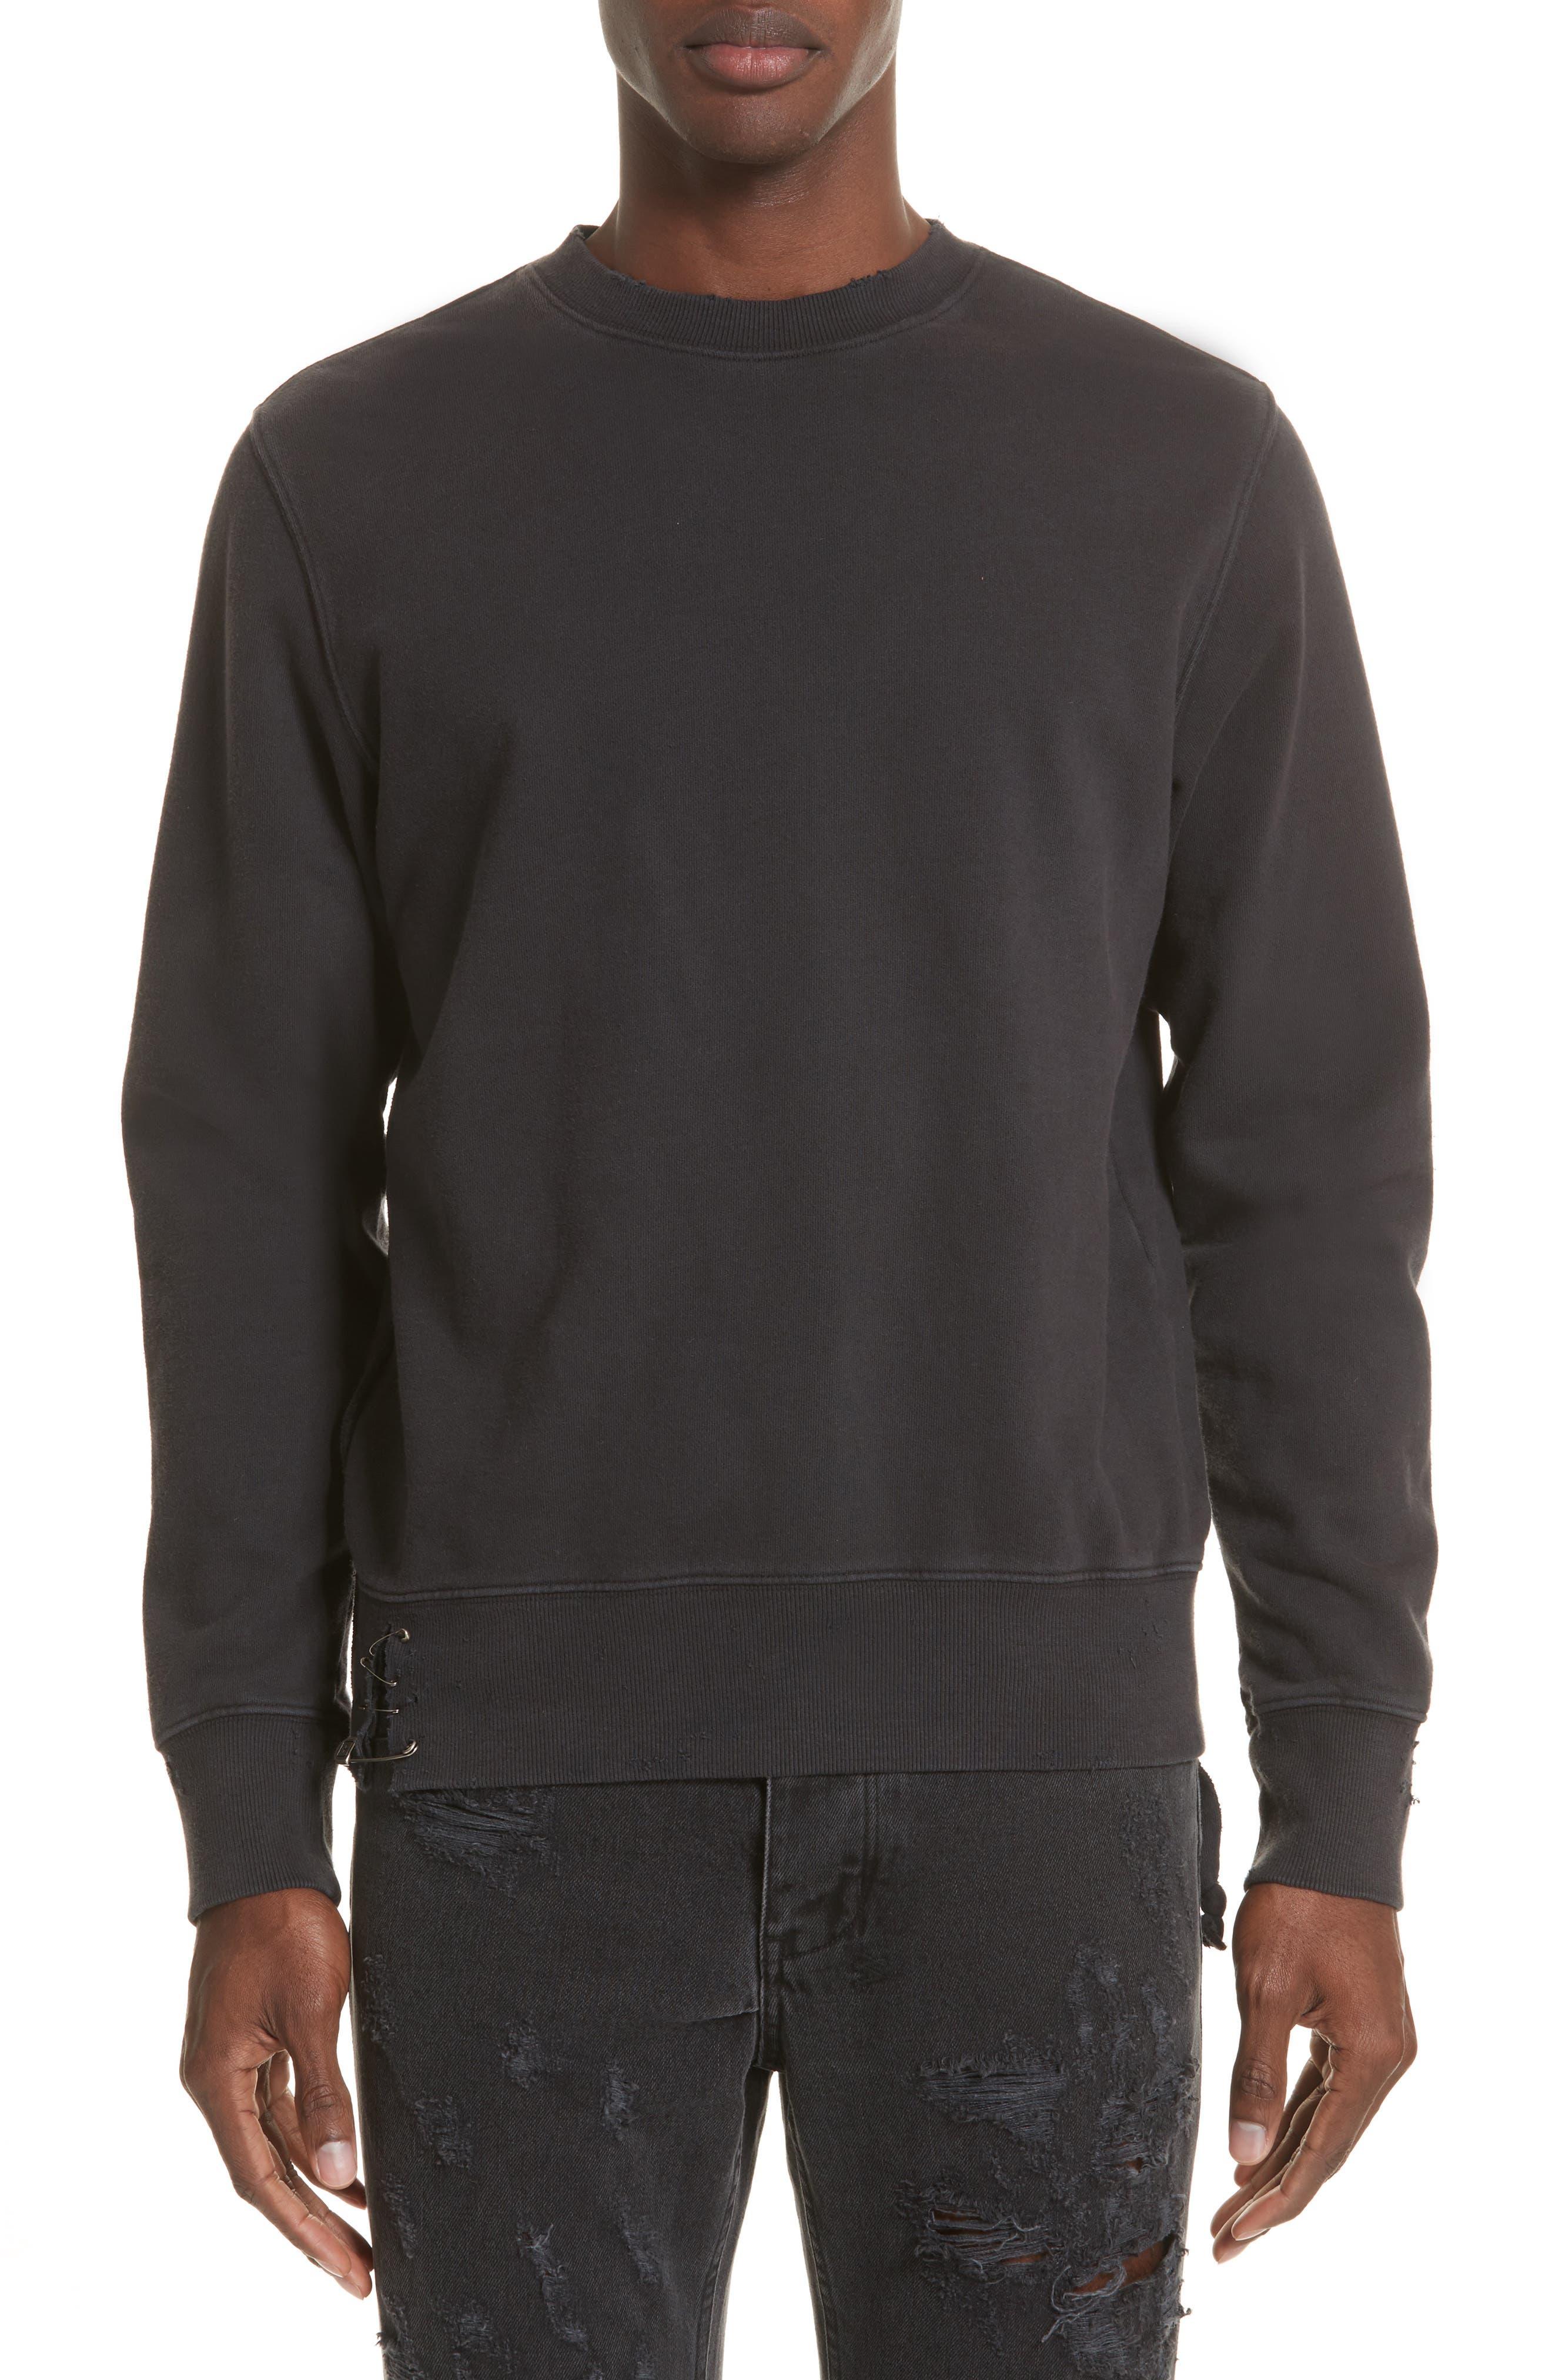 Pins Distressed Sweatshirt,                             Main thumbnail 1, color,                             001